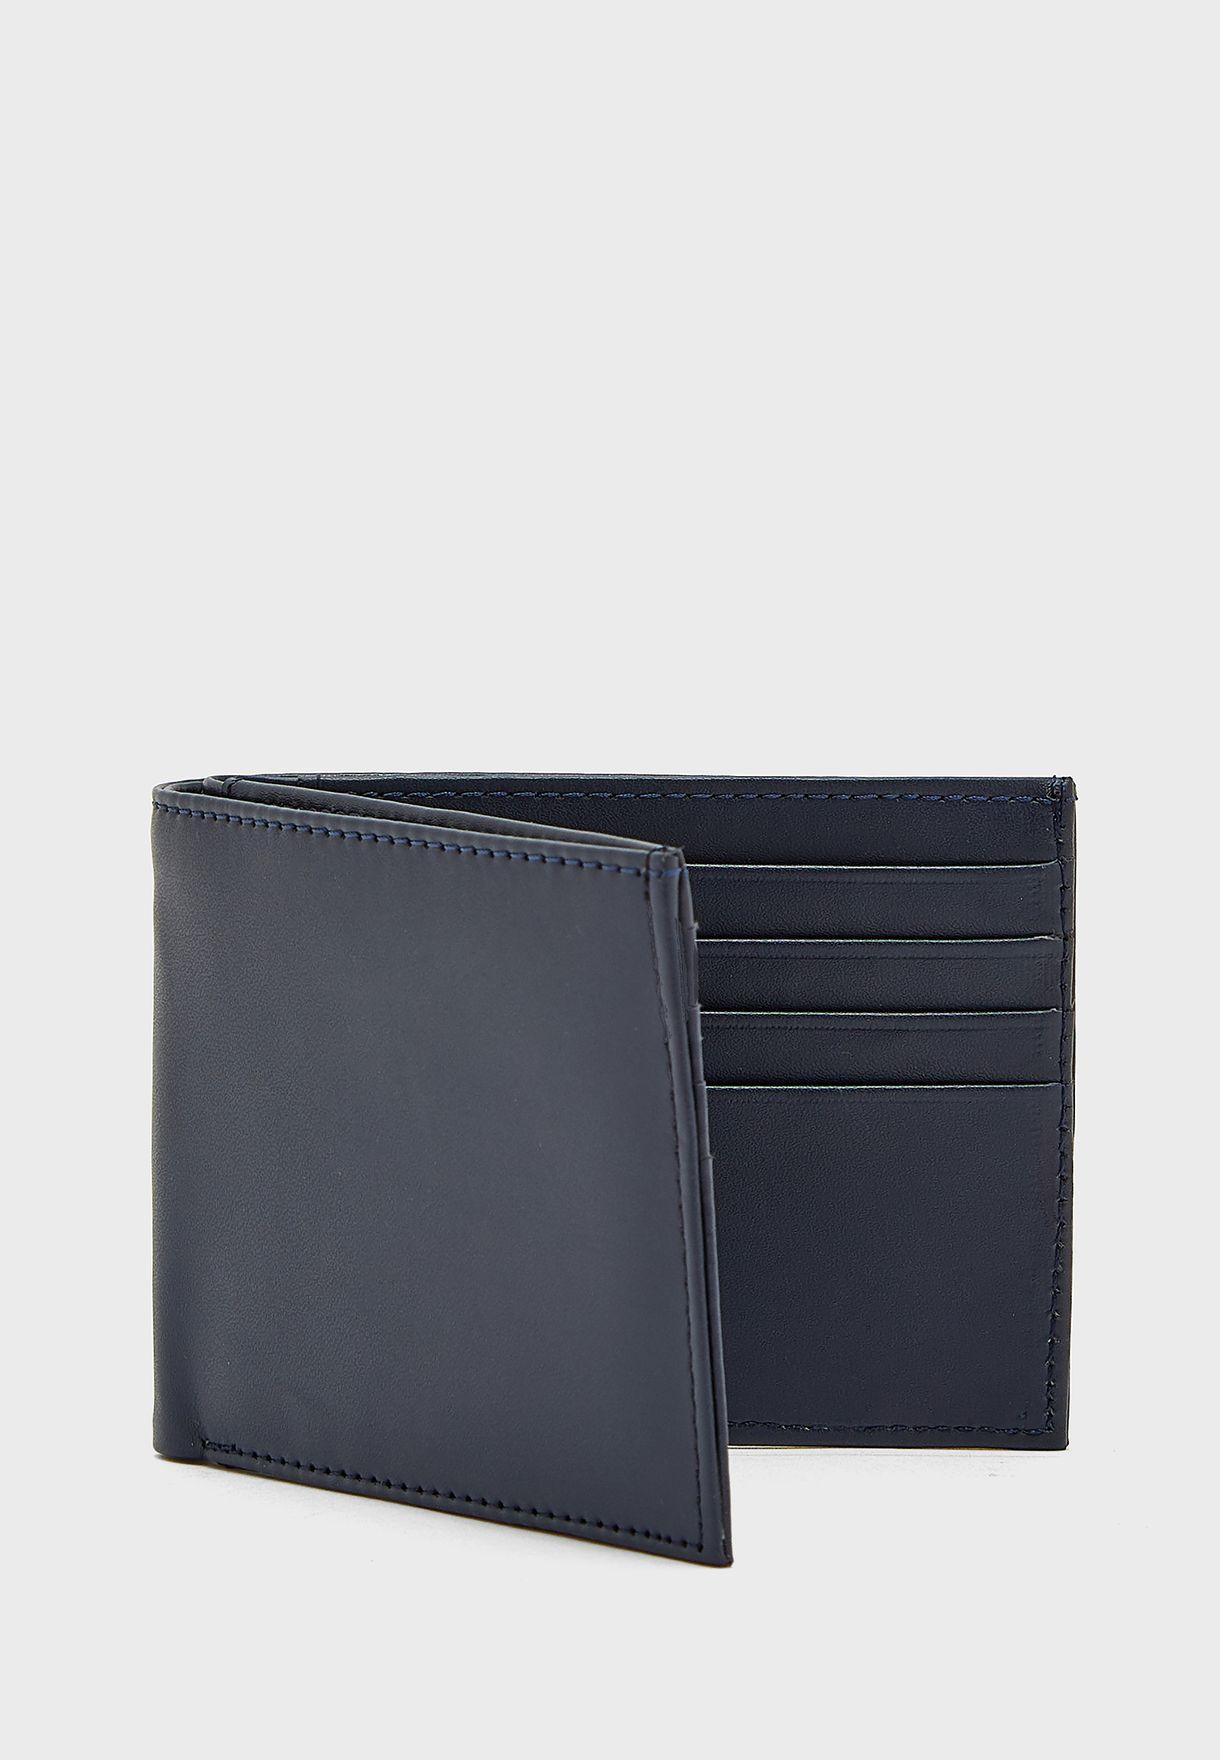 محفظة وحافظة جواز السفر